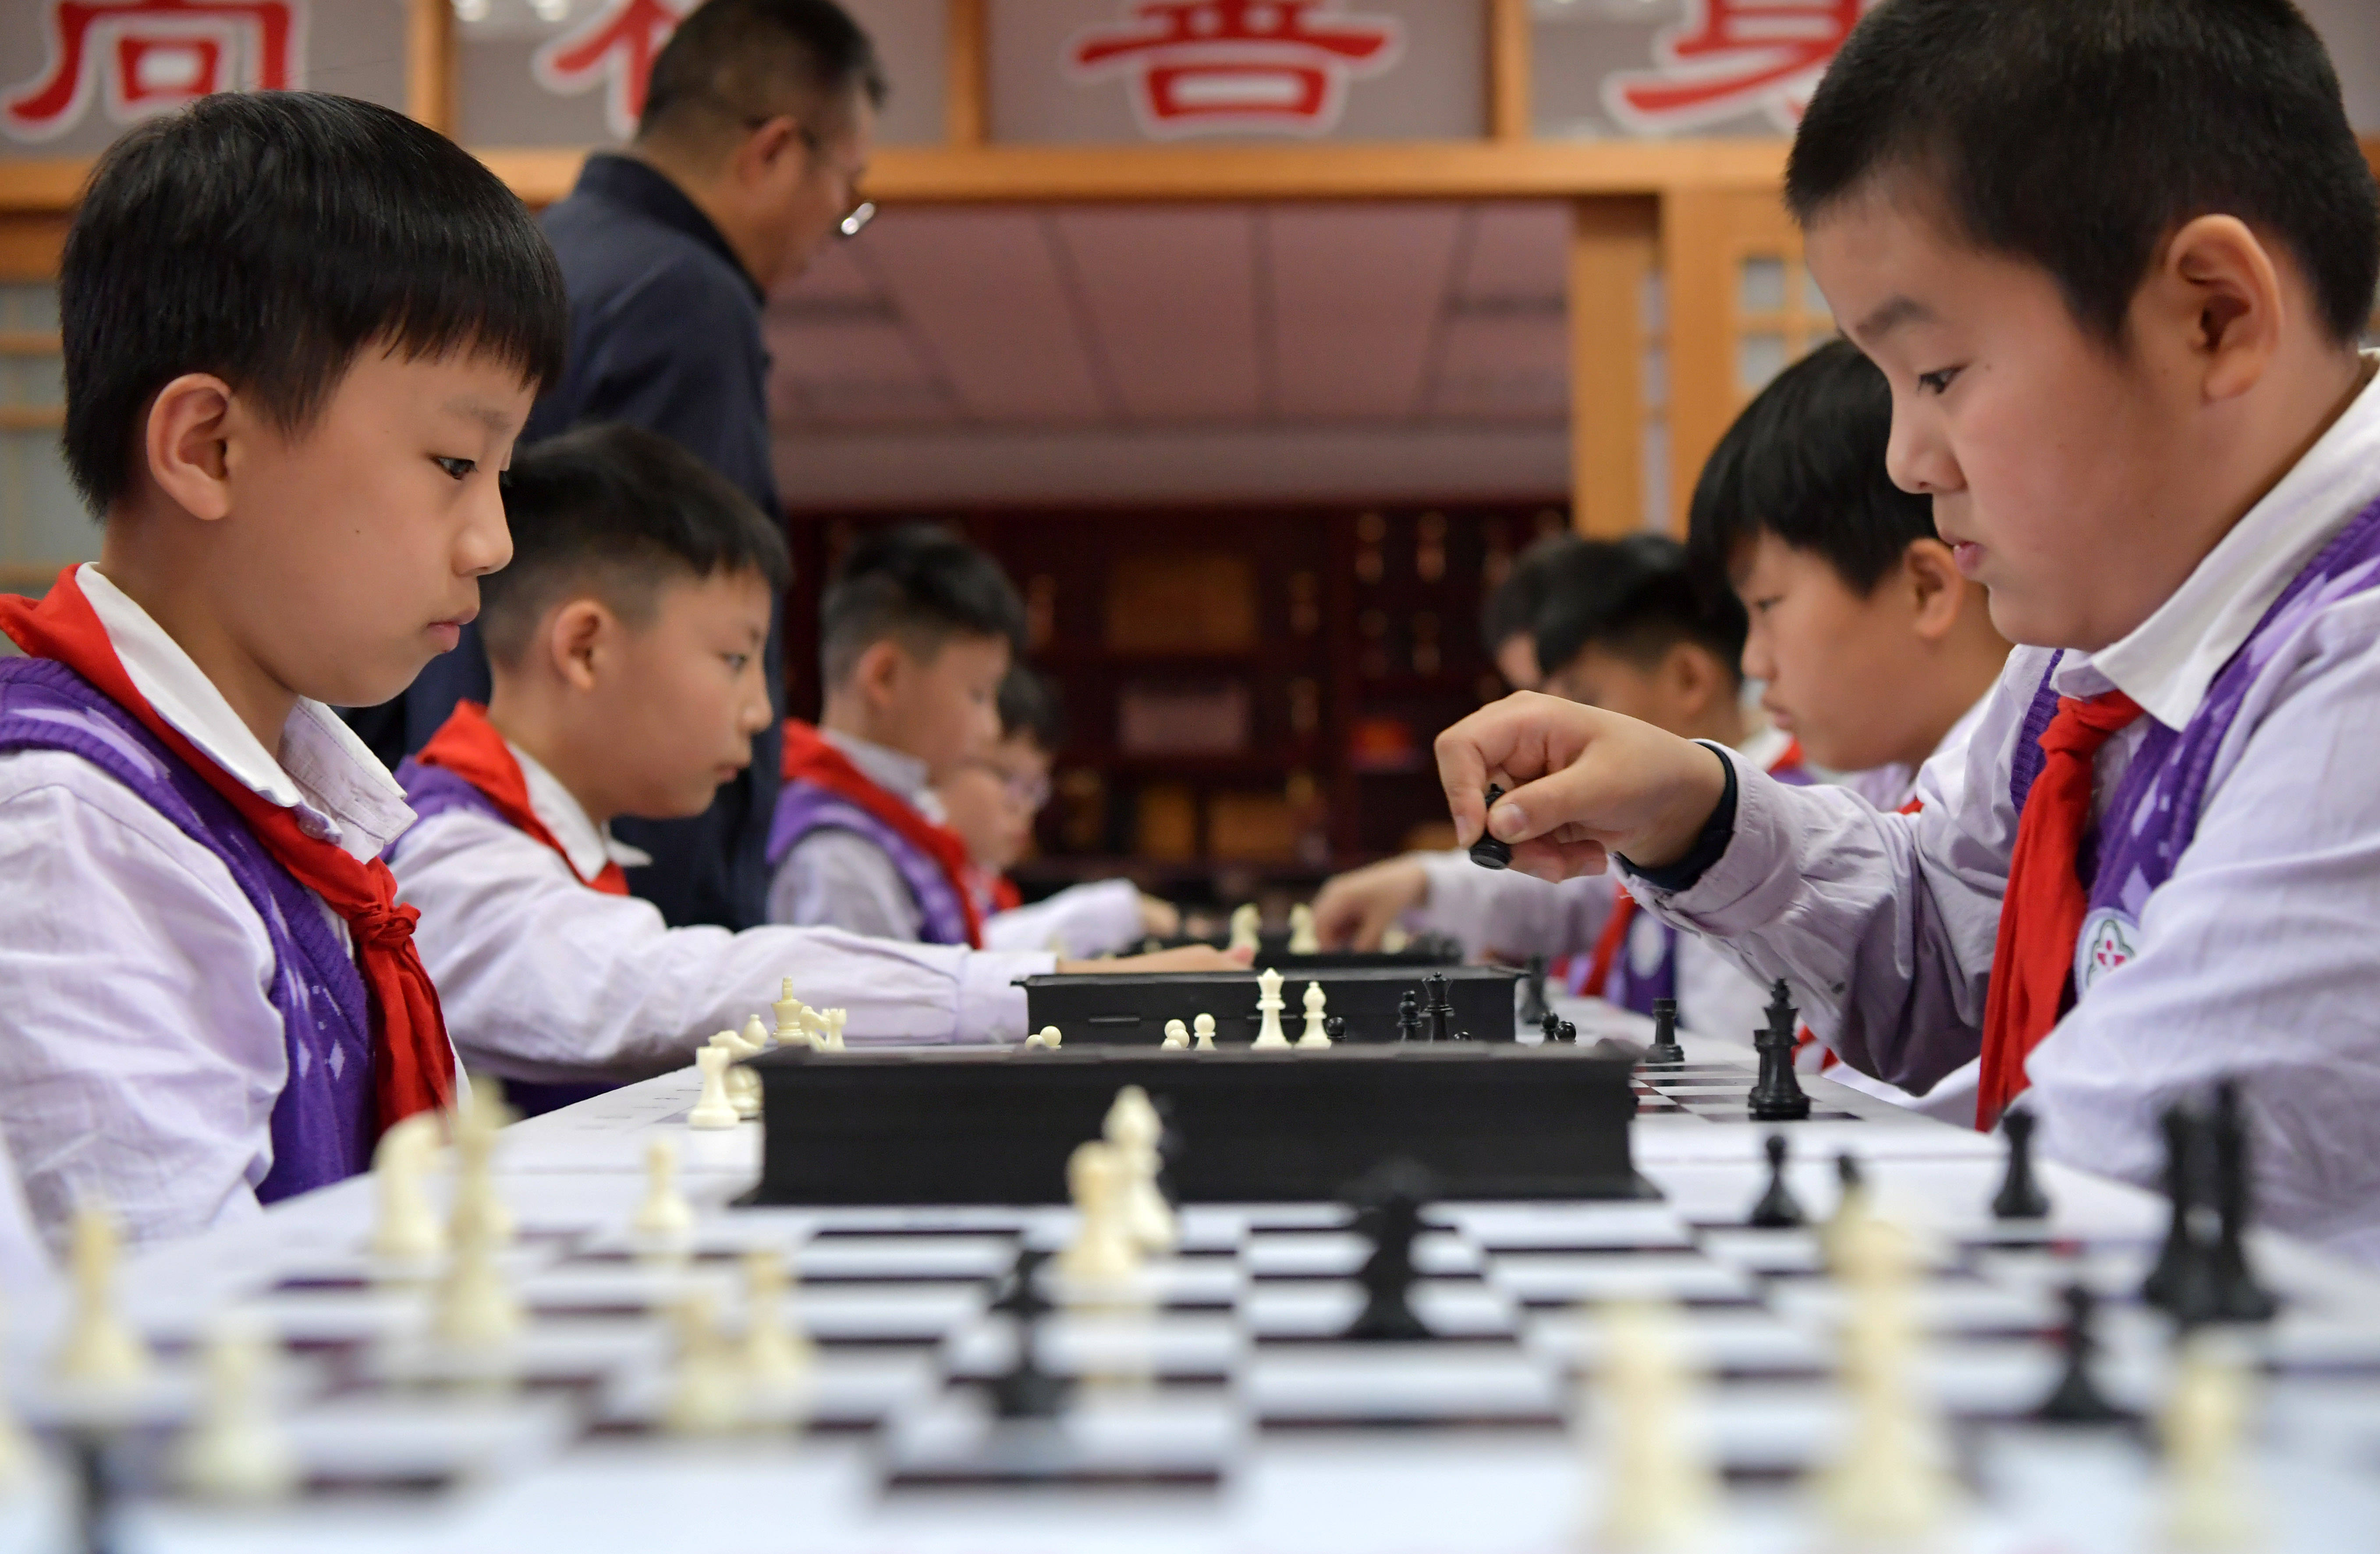 国际象棋——快乐校园 棋韵悠长